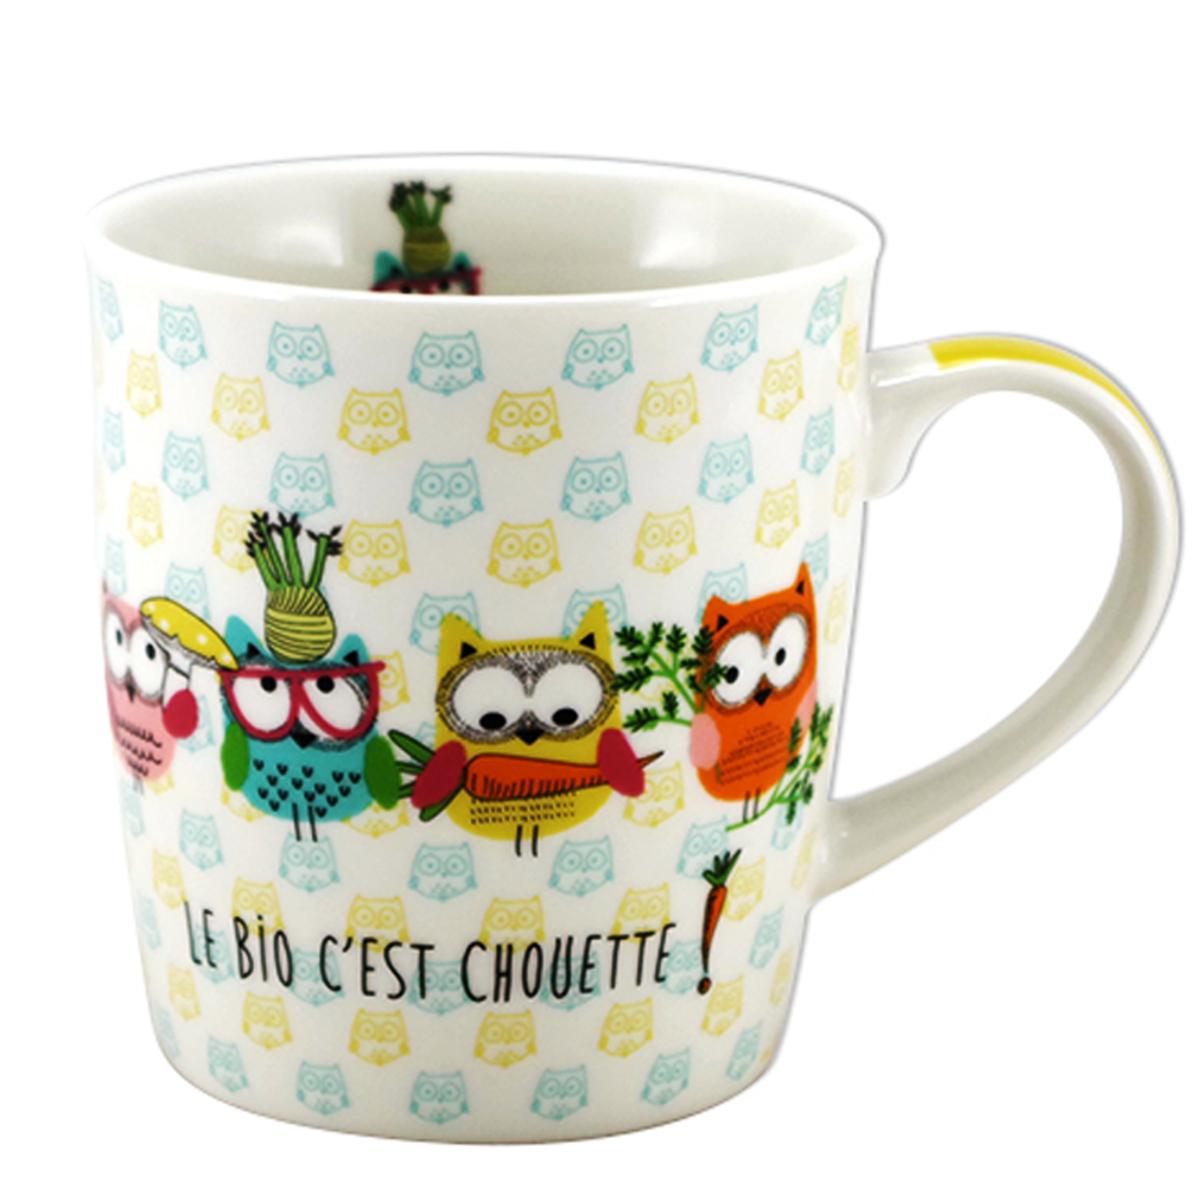 Mug porcelaine \'Chouettes\' multicolore (le bio c\'est chouette !) - 95x85 mm (32 cl) - [A2458]